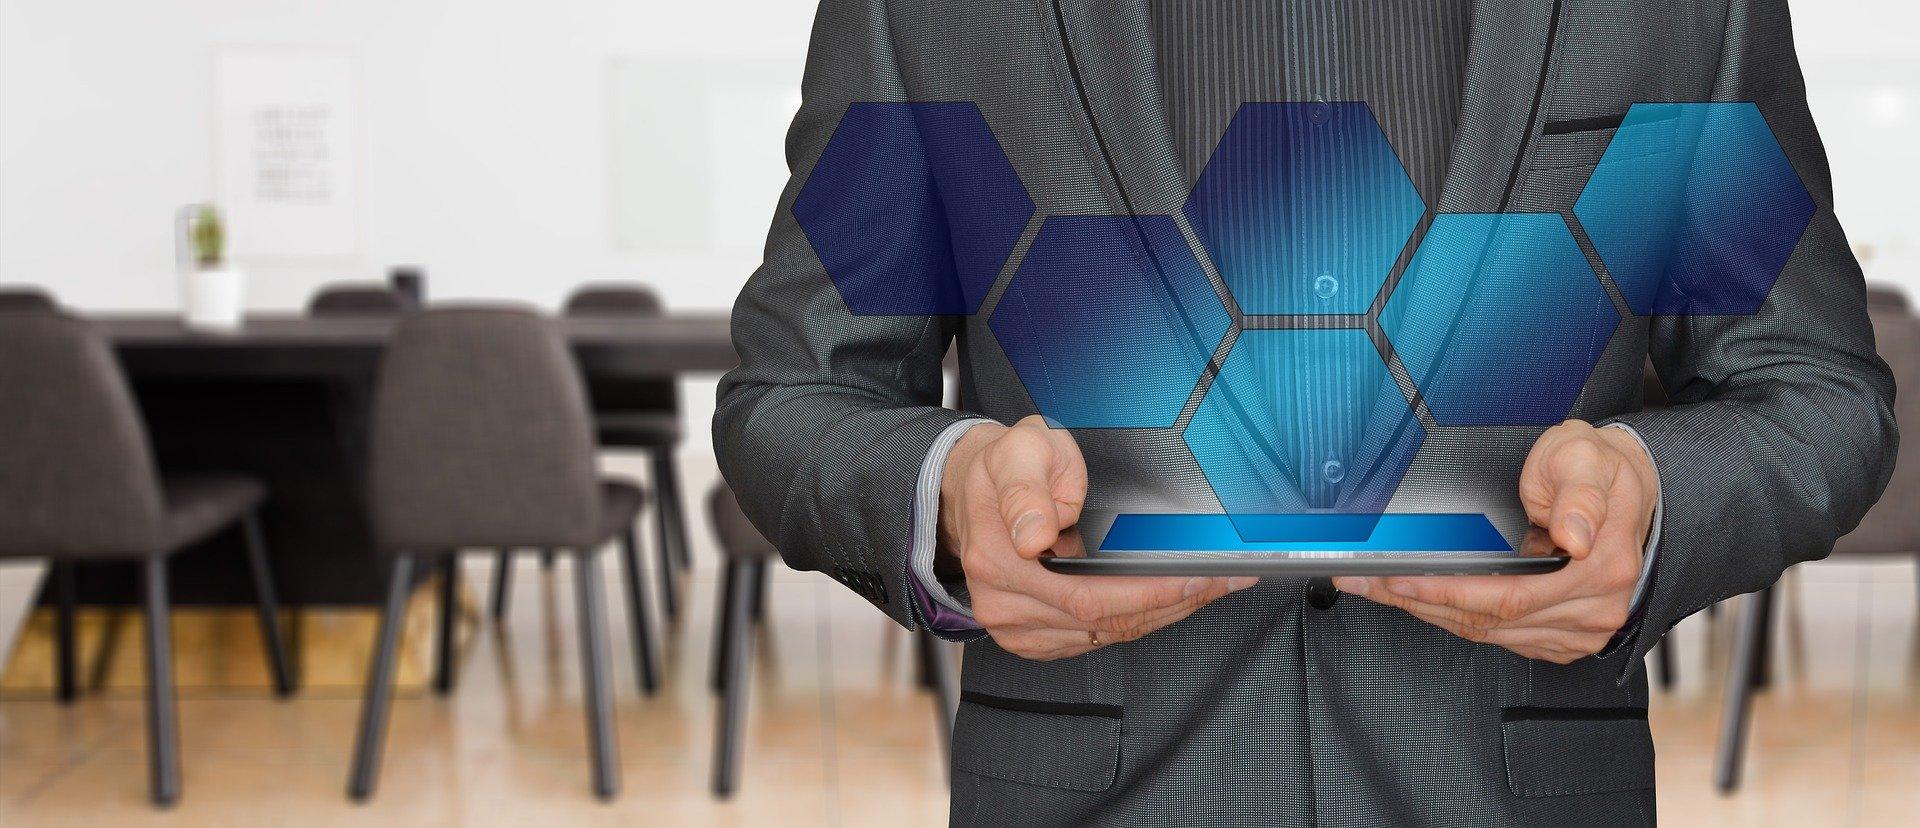 Cambios tecnológicos en las relaciones laborales: Derechos digitales y trabajo a distancia